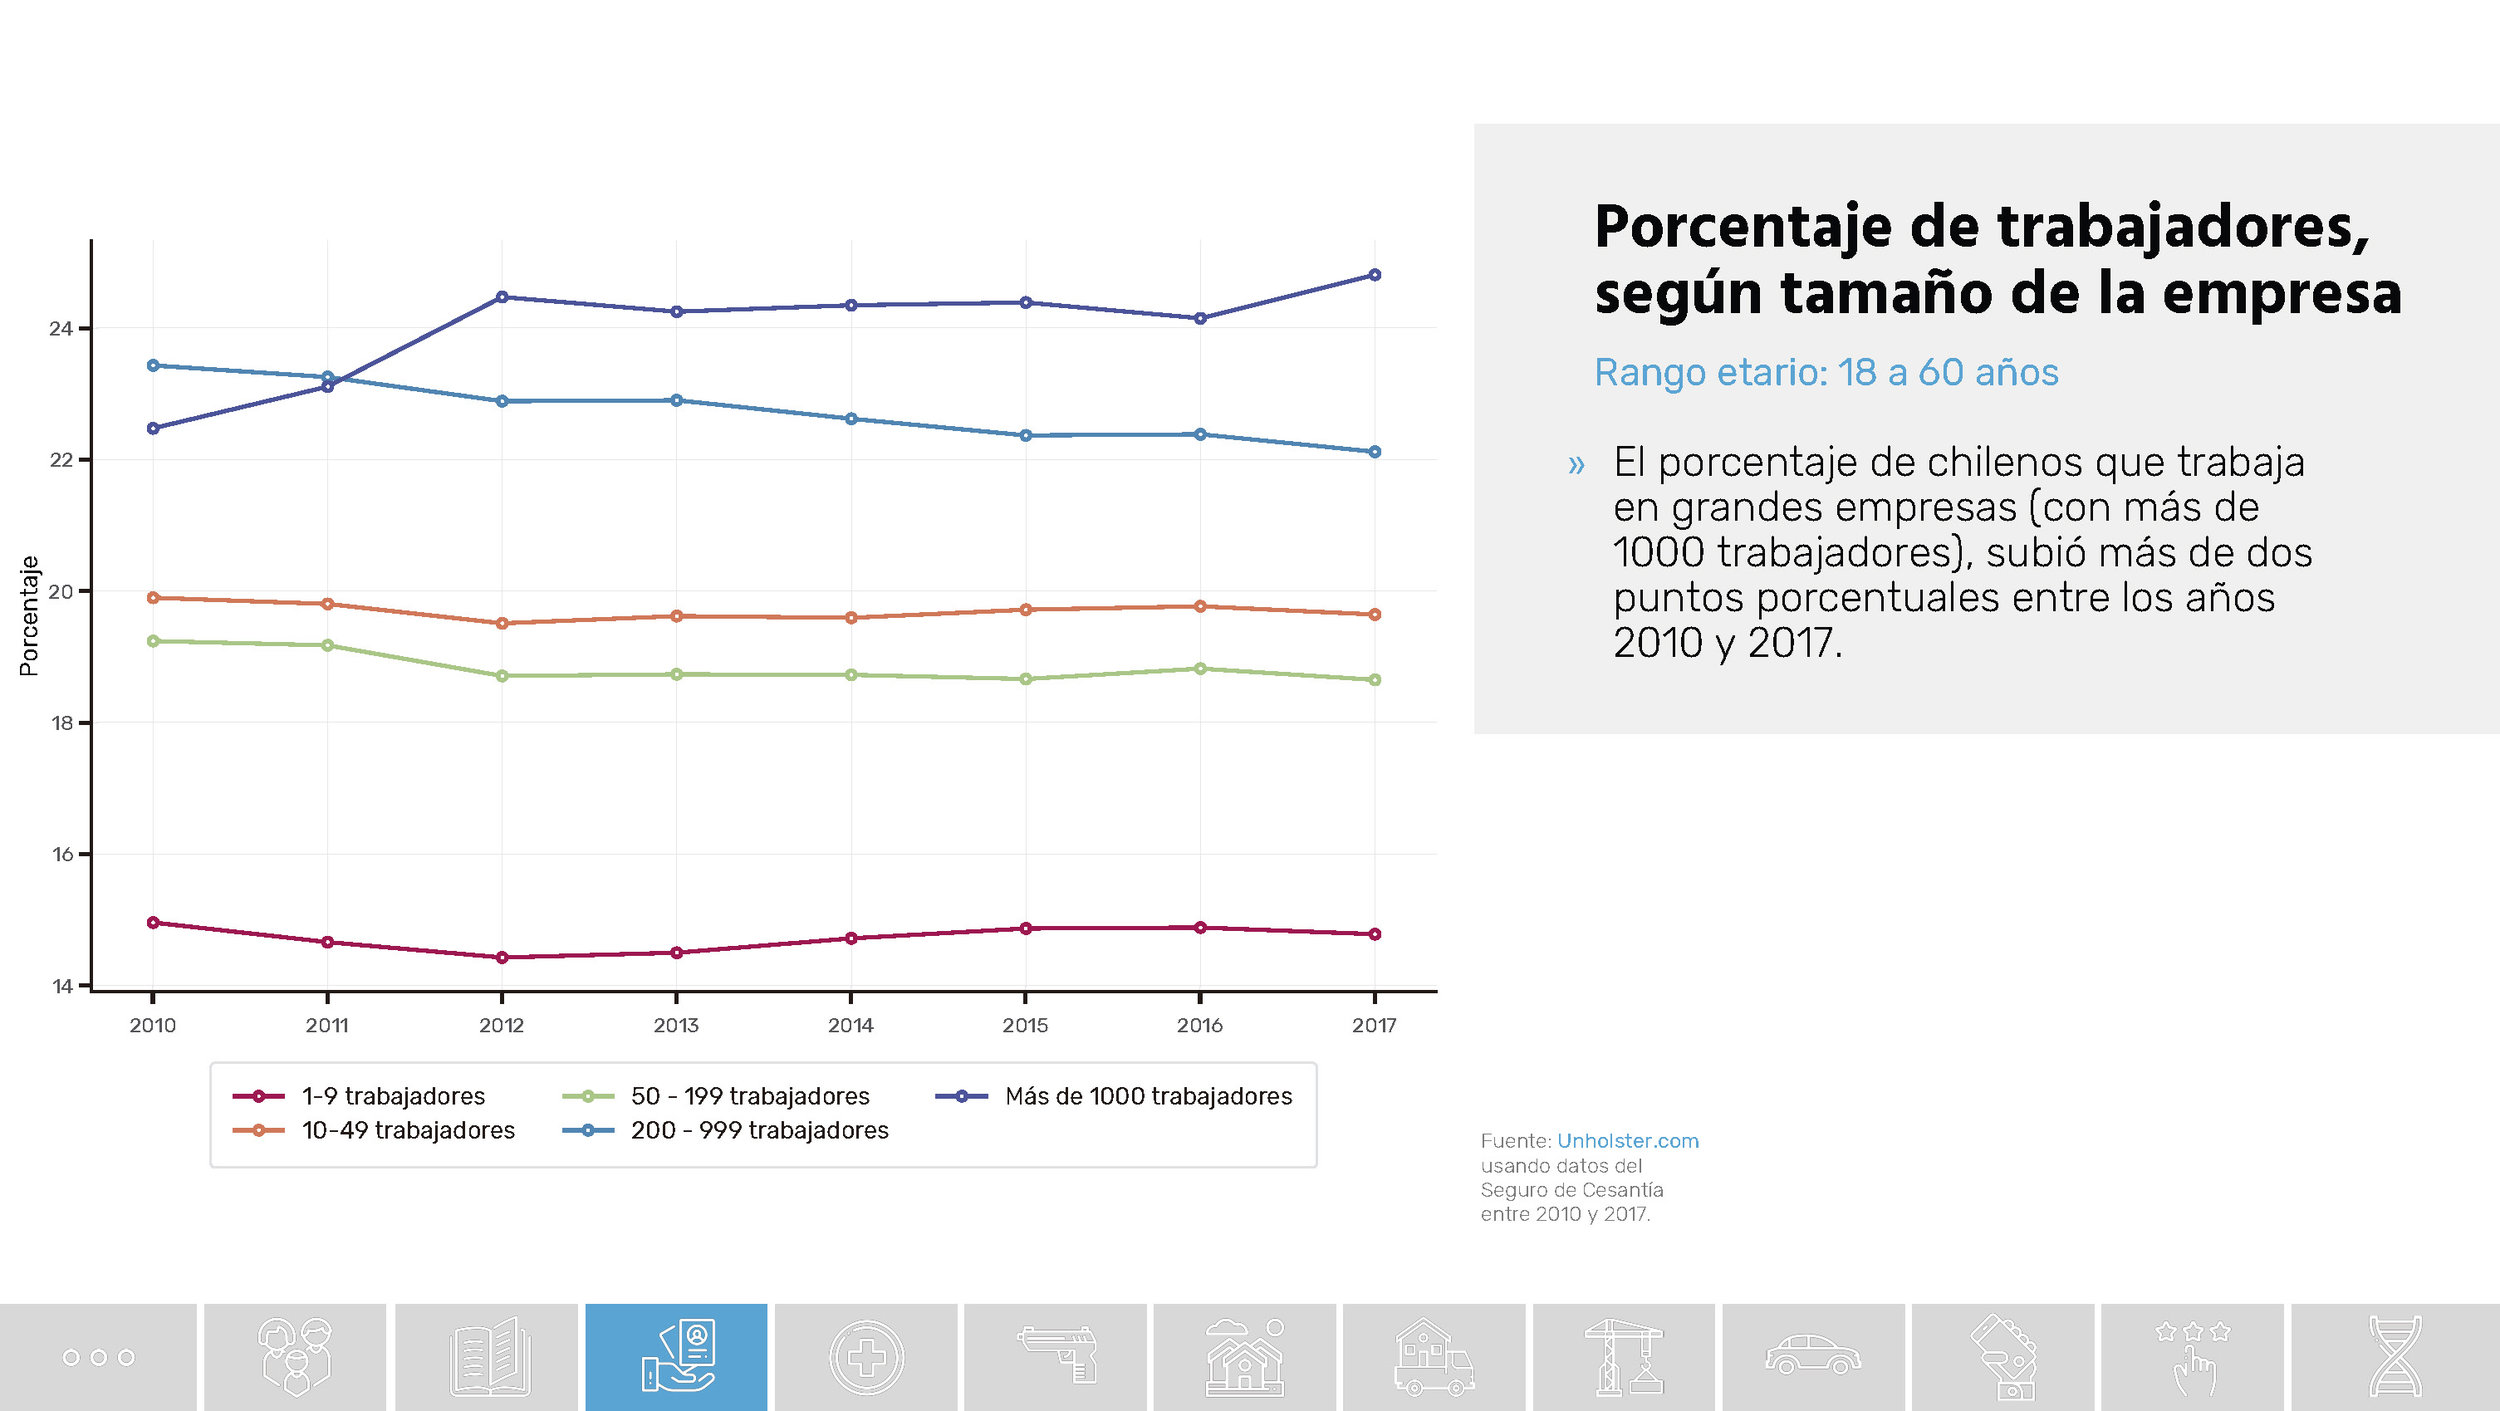 Chile_Datos de una transformacion social_Unholster_Página_29.jpg